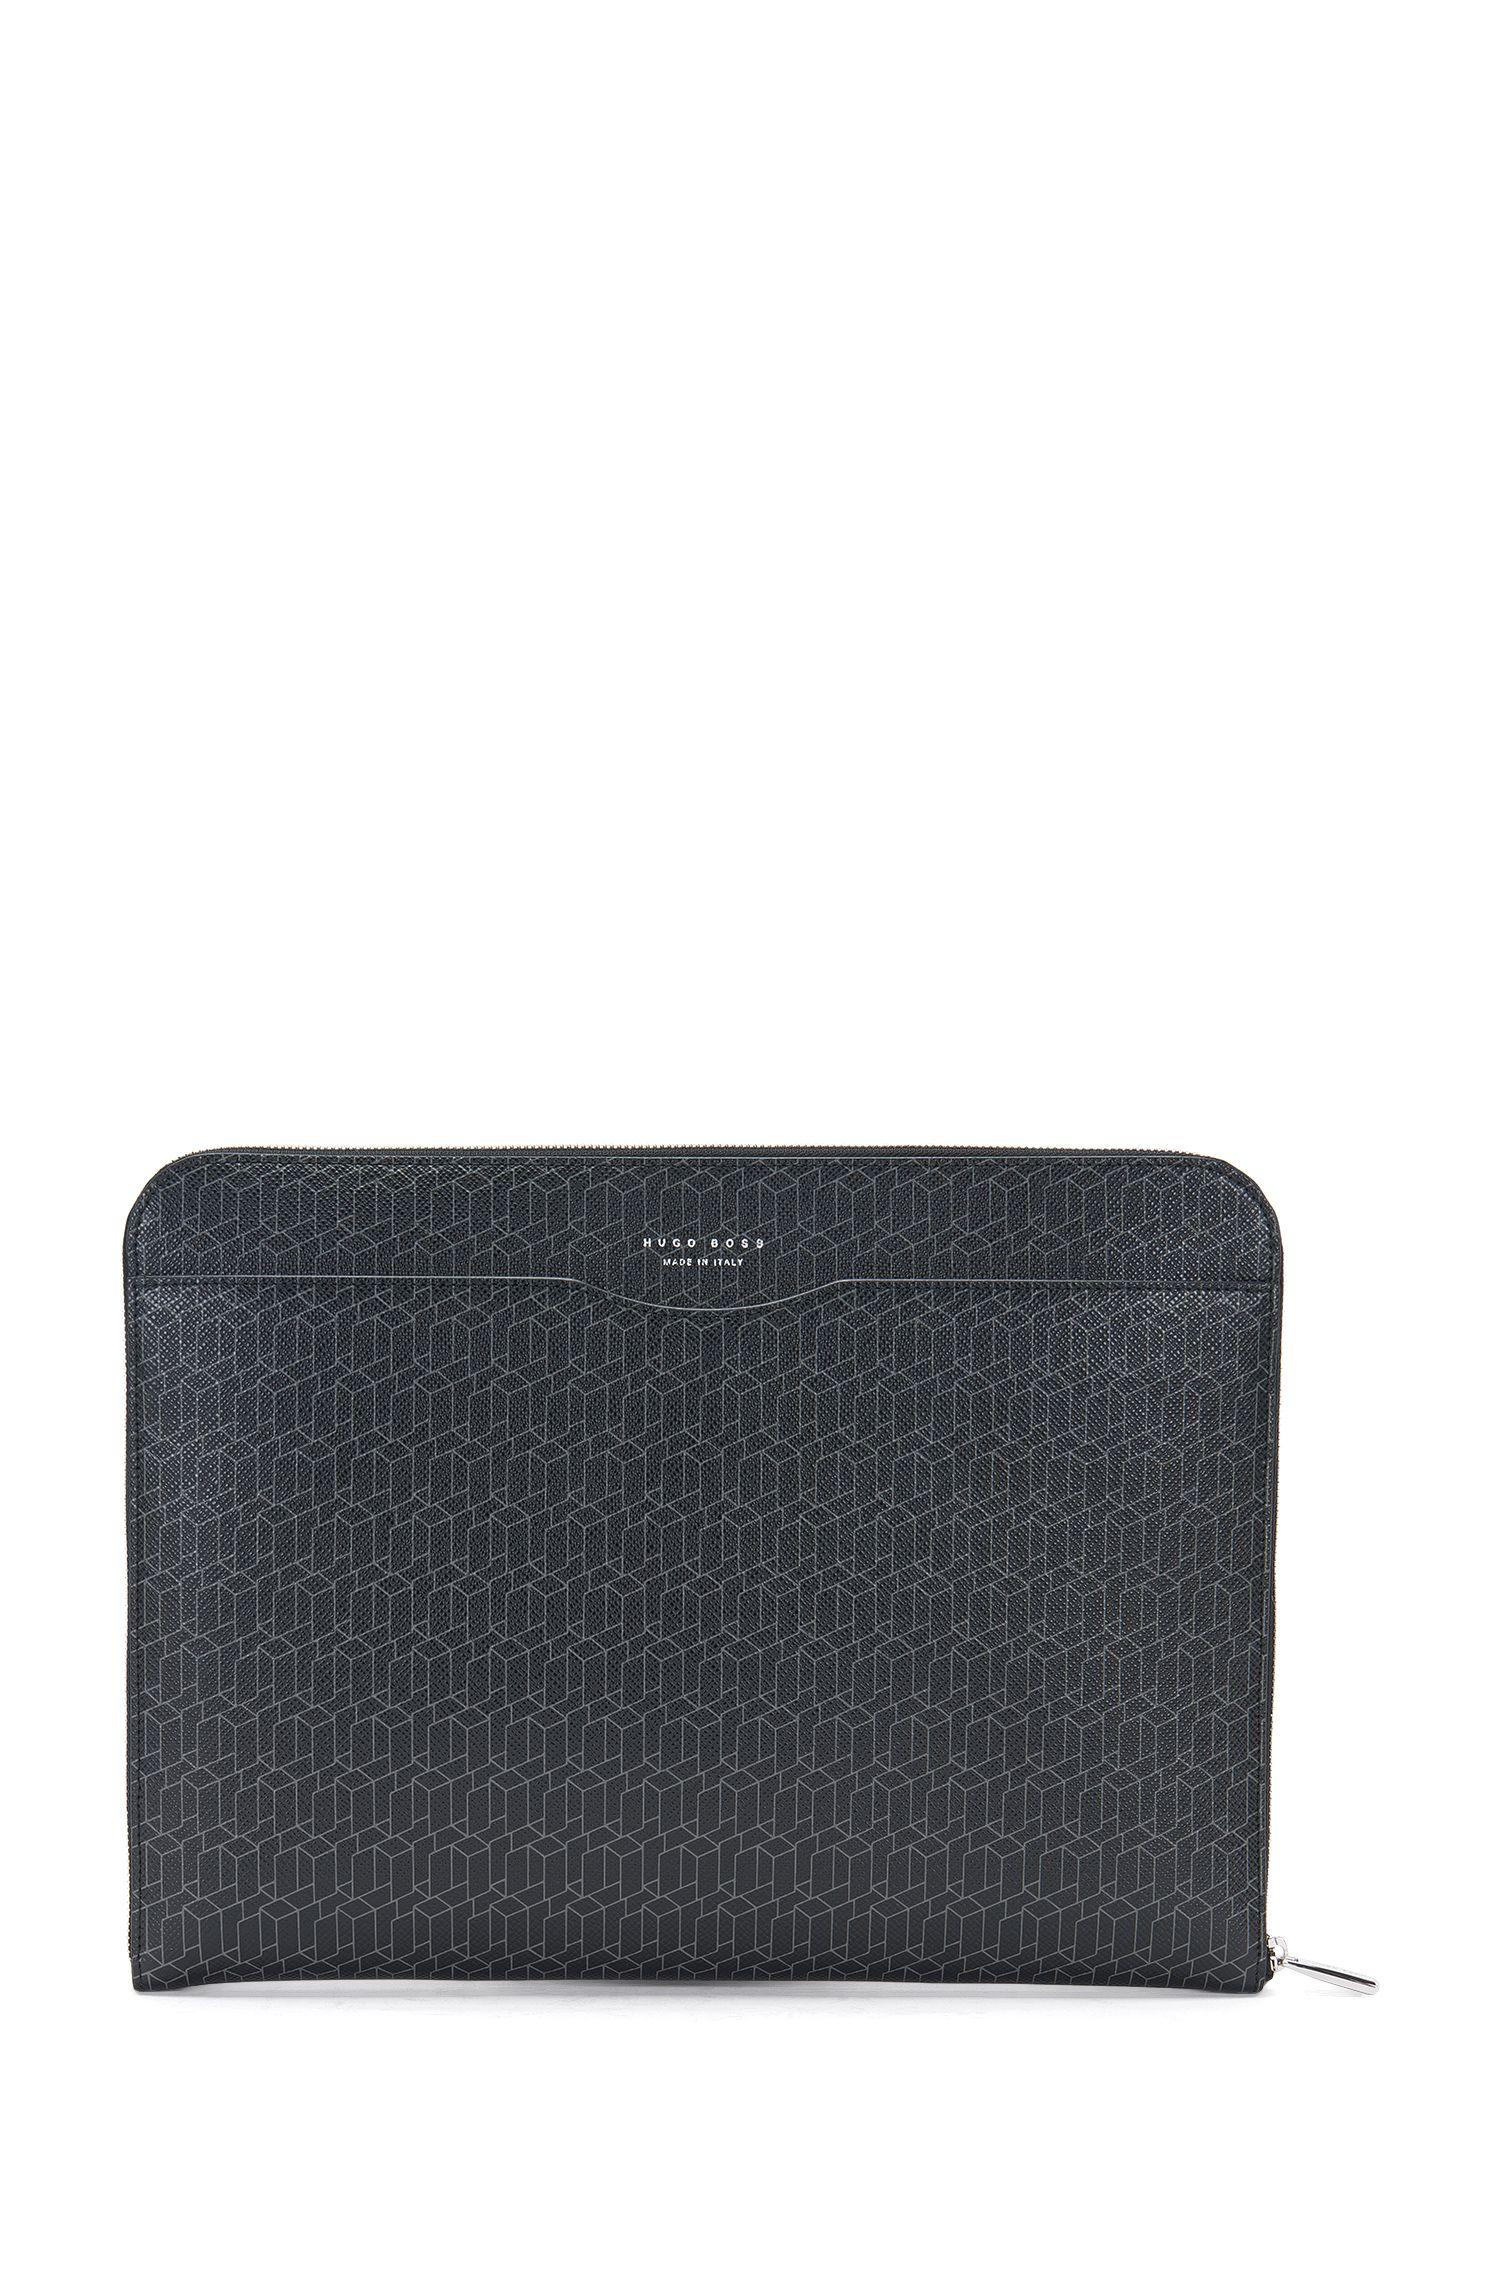 Laptop-Schutzhülle aus Leder mit geometrischem Print: 'Signature H_portf'